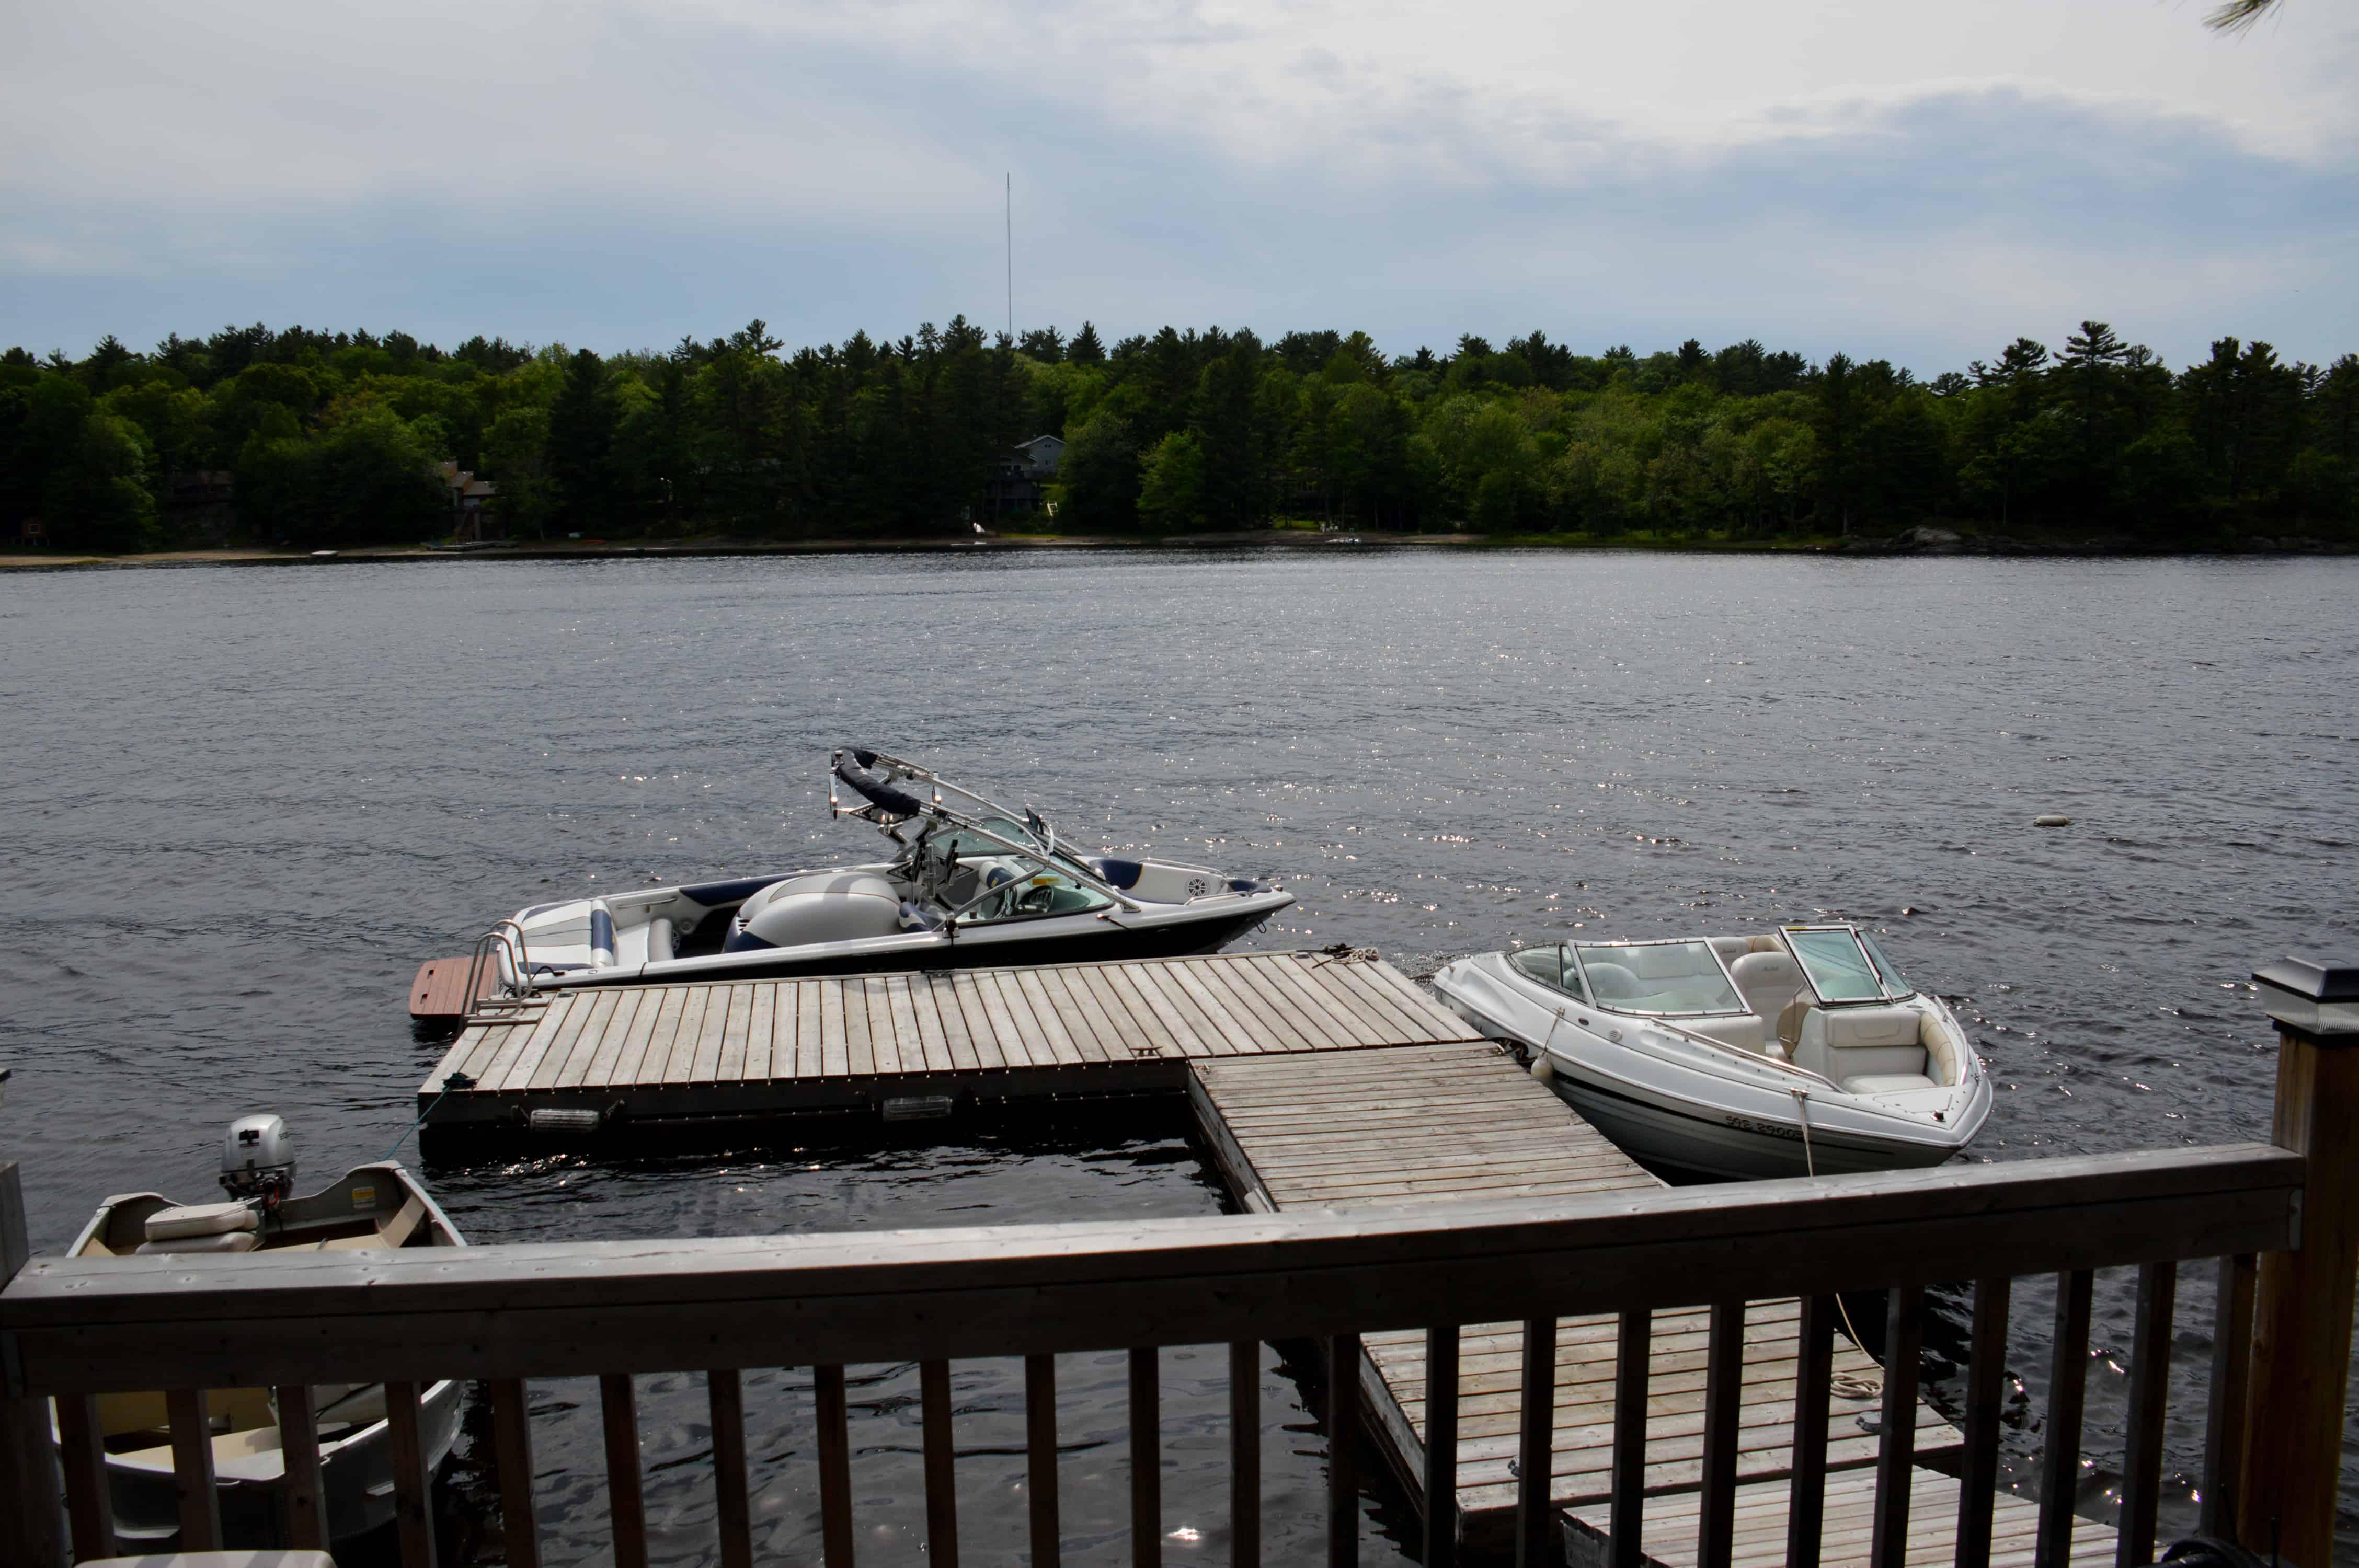 photo-2-la-disposition-de-ces-quais-flottants-permet-d-accueillir-plusieurs-bateaux